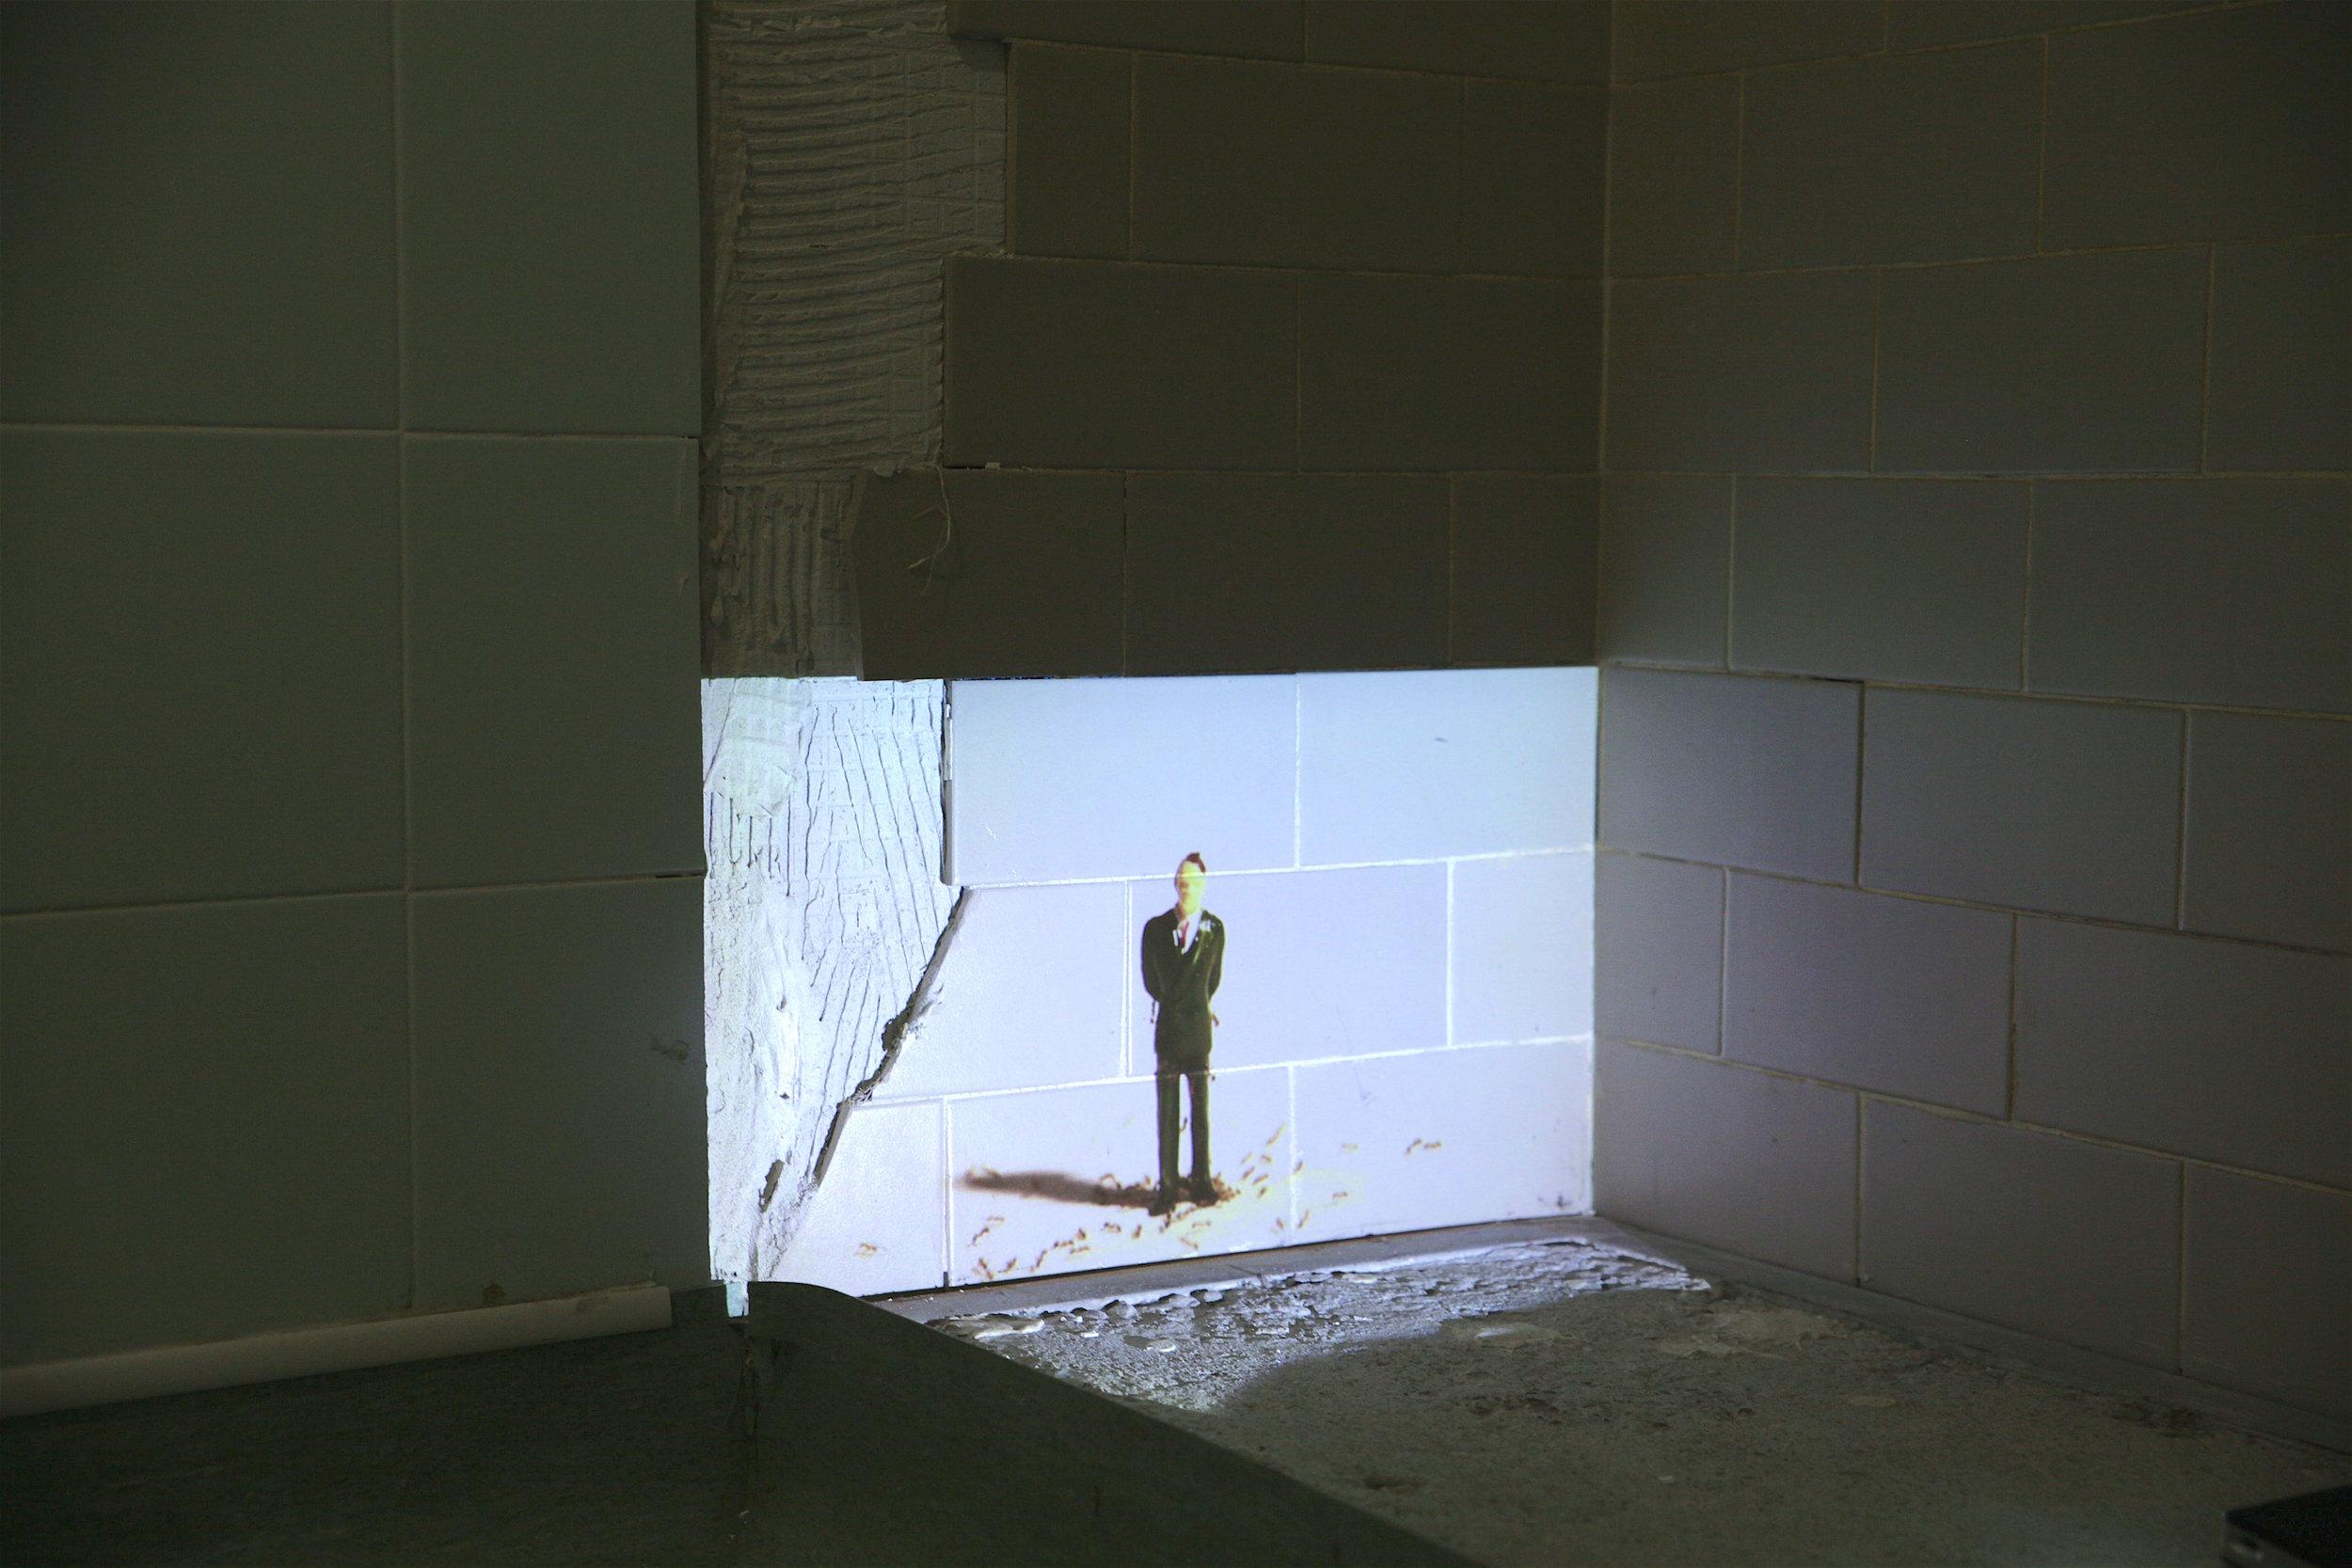 Artificial Sugar, Fadi Al-Hamwi, Video, 2013